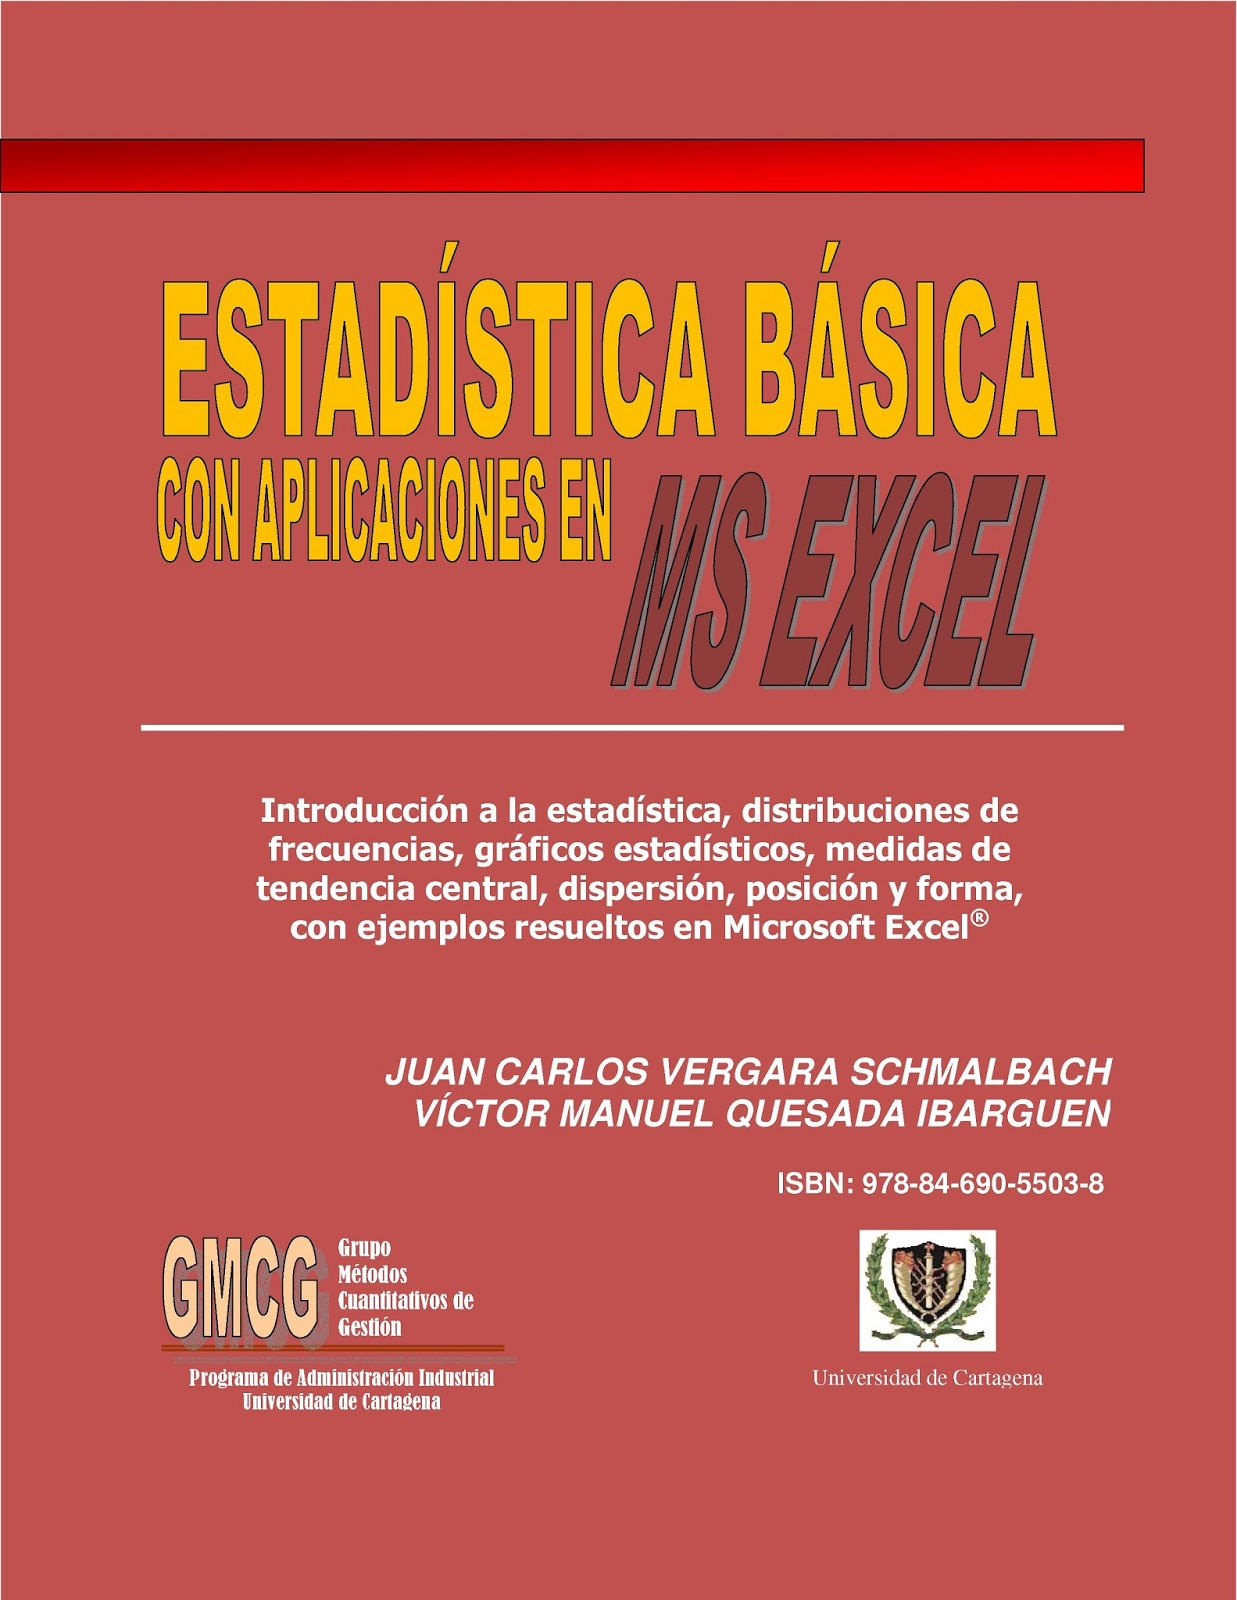 Estadística básica con aplicaciones en MS Excel – Juan Carlos Vergara Schmalbach